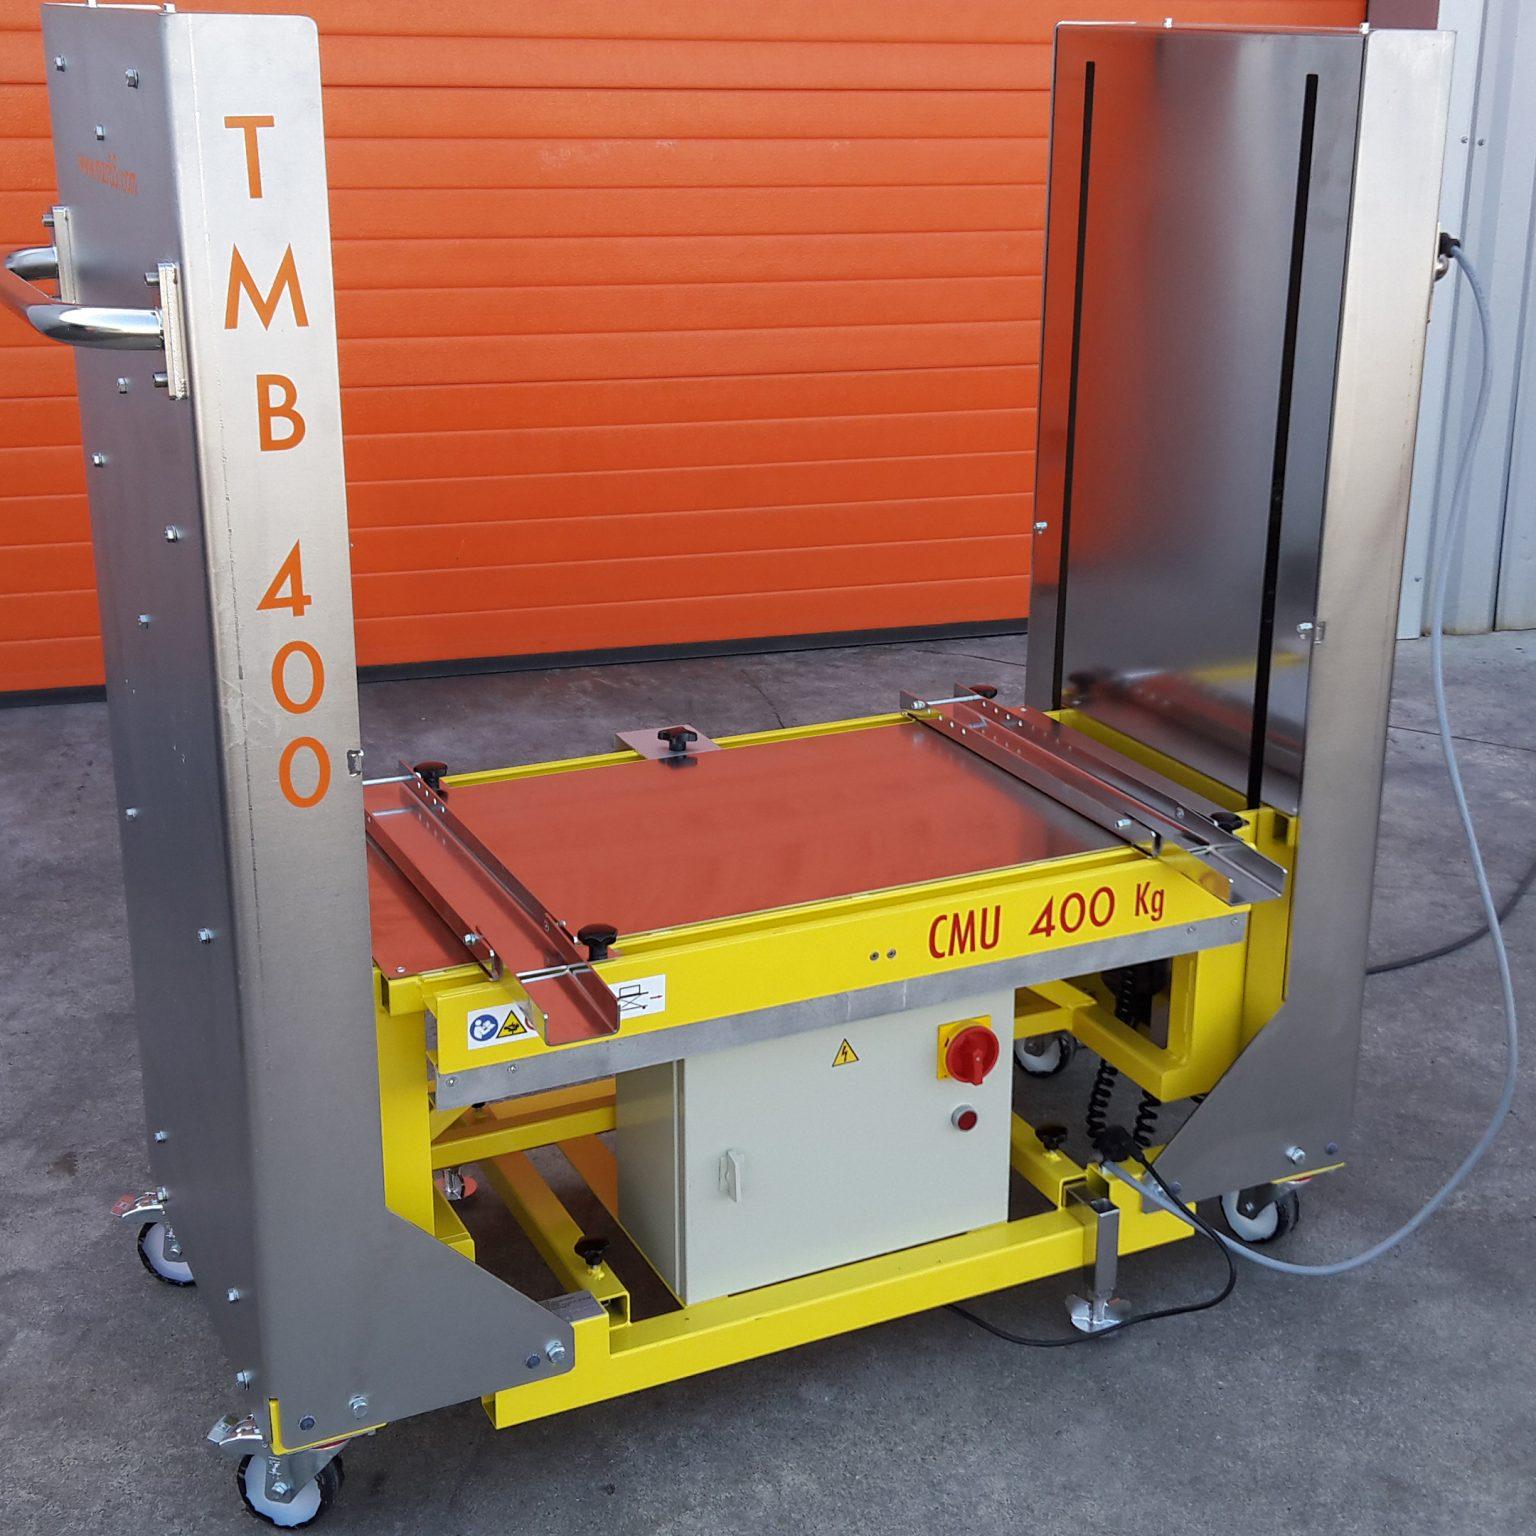 TMB 15 340